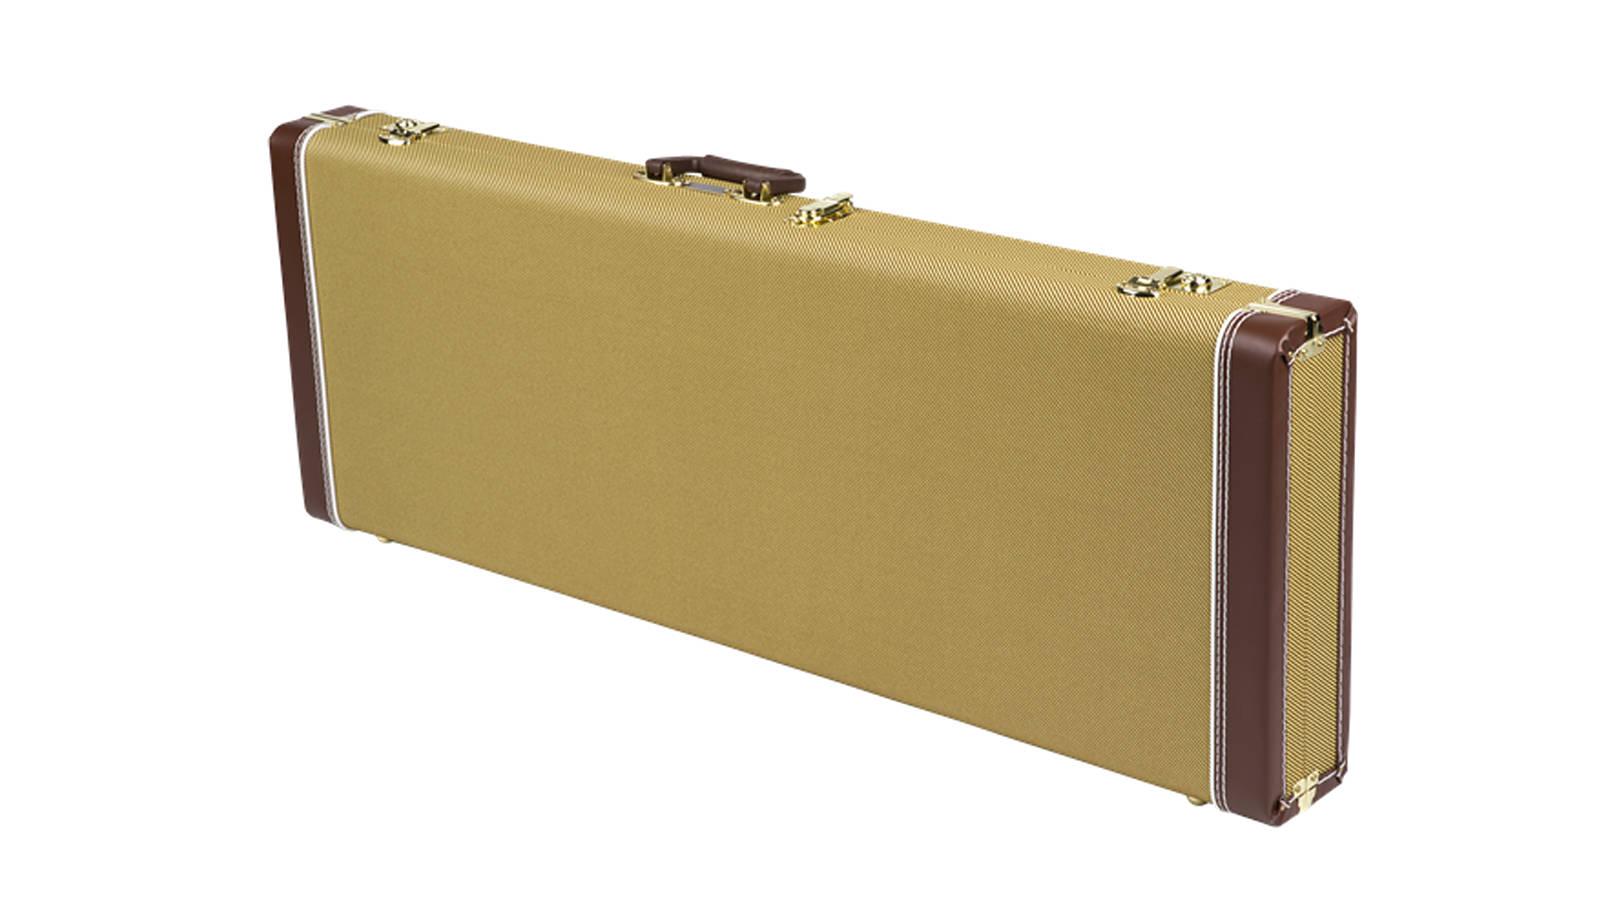 Fender Pro Series Tweed Case Tele/Strat